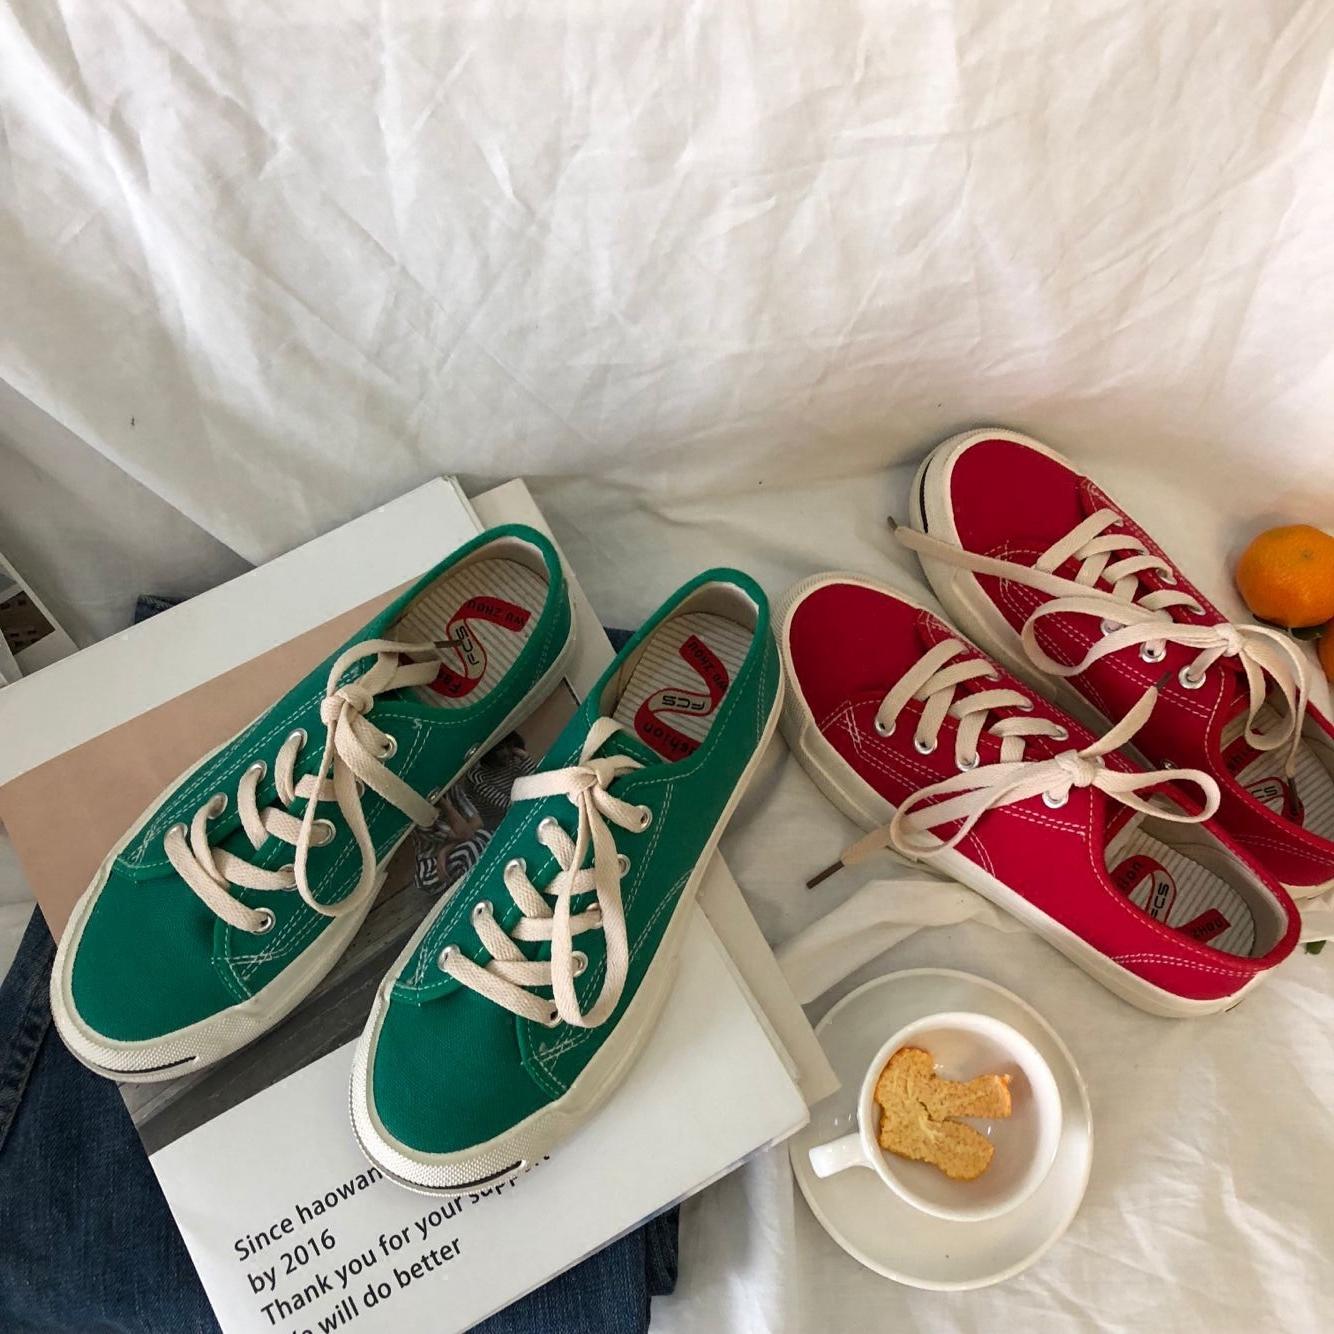 绿色平底鞋 泡面小希鞋子 2018春季新款复古绿色开口笑学生帆布鞋平底韩板鞋_推荐淘宝好看的绿色平底鞋